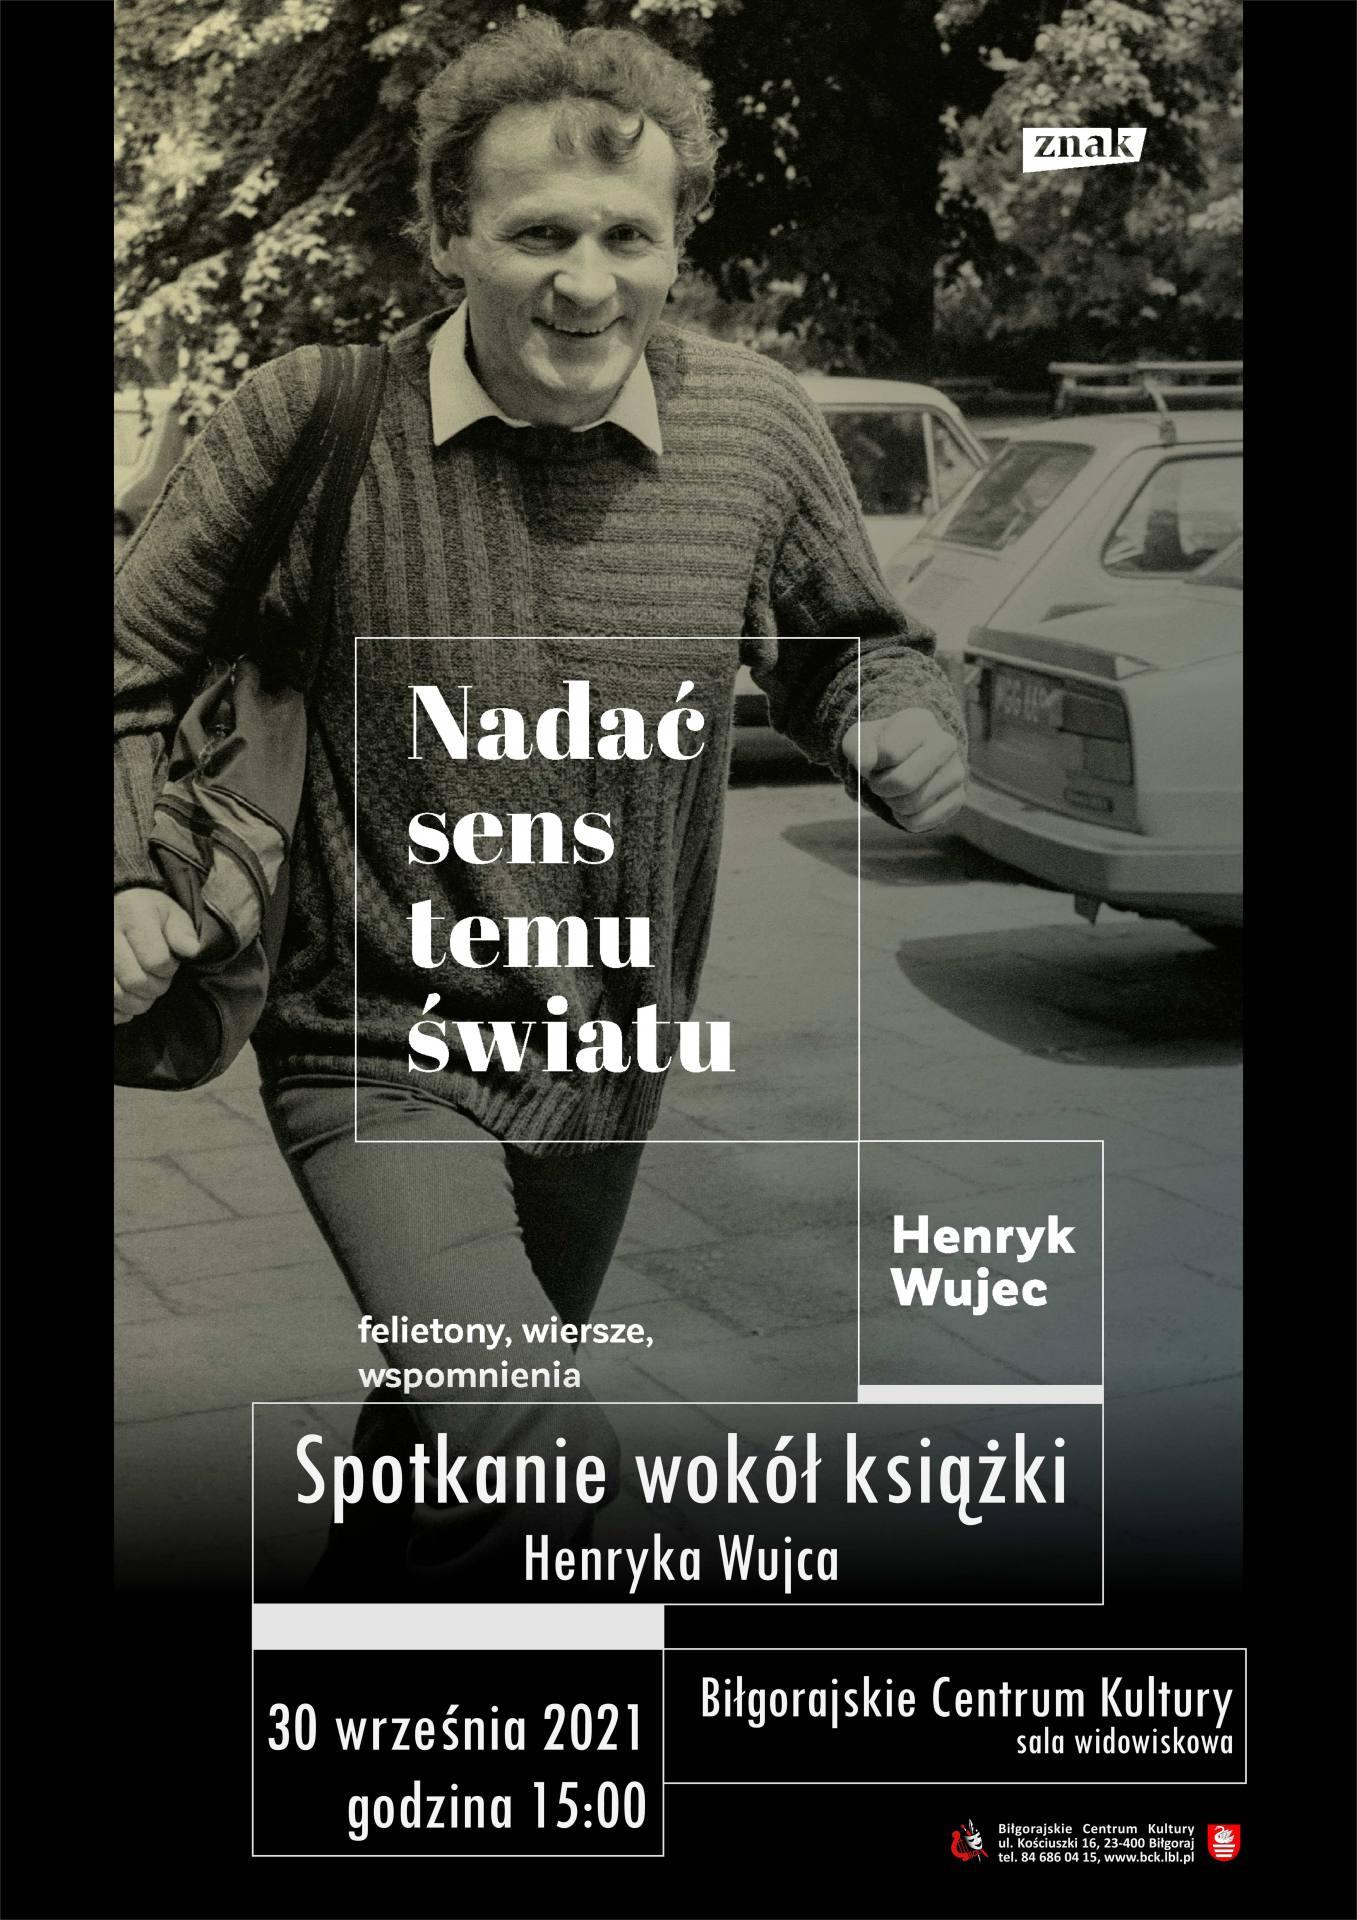 """nadac wokol ksiazki hwujec min Spotkanie poświęcone książce Henryka Wujca """"Nadać sens temu światu"""""""